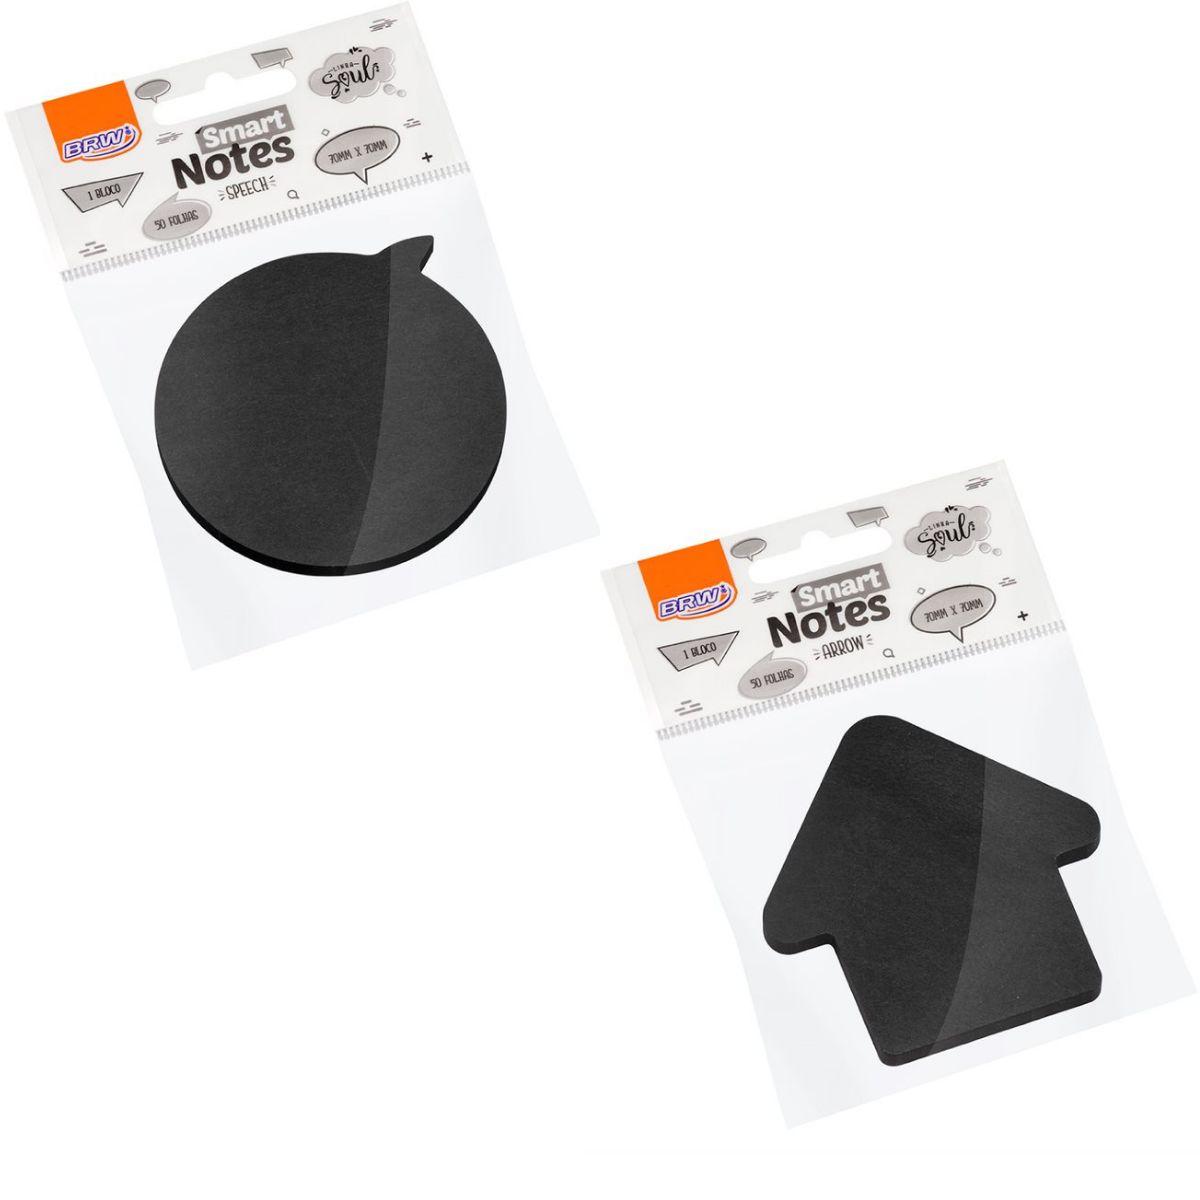 Bloco Smart Notes Preto 70x70mm com 50 folhas - BRW